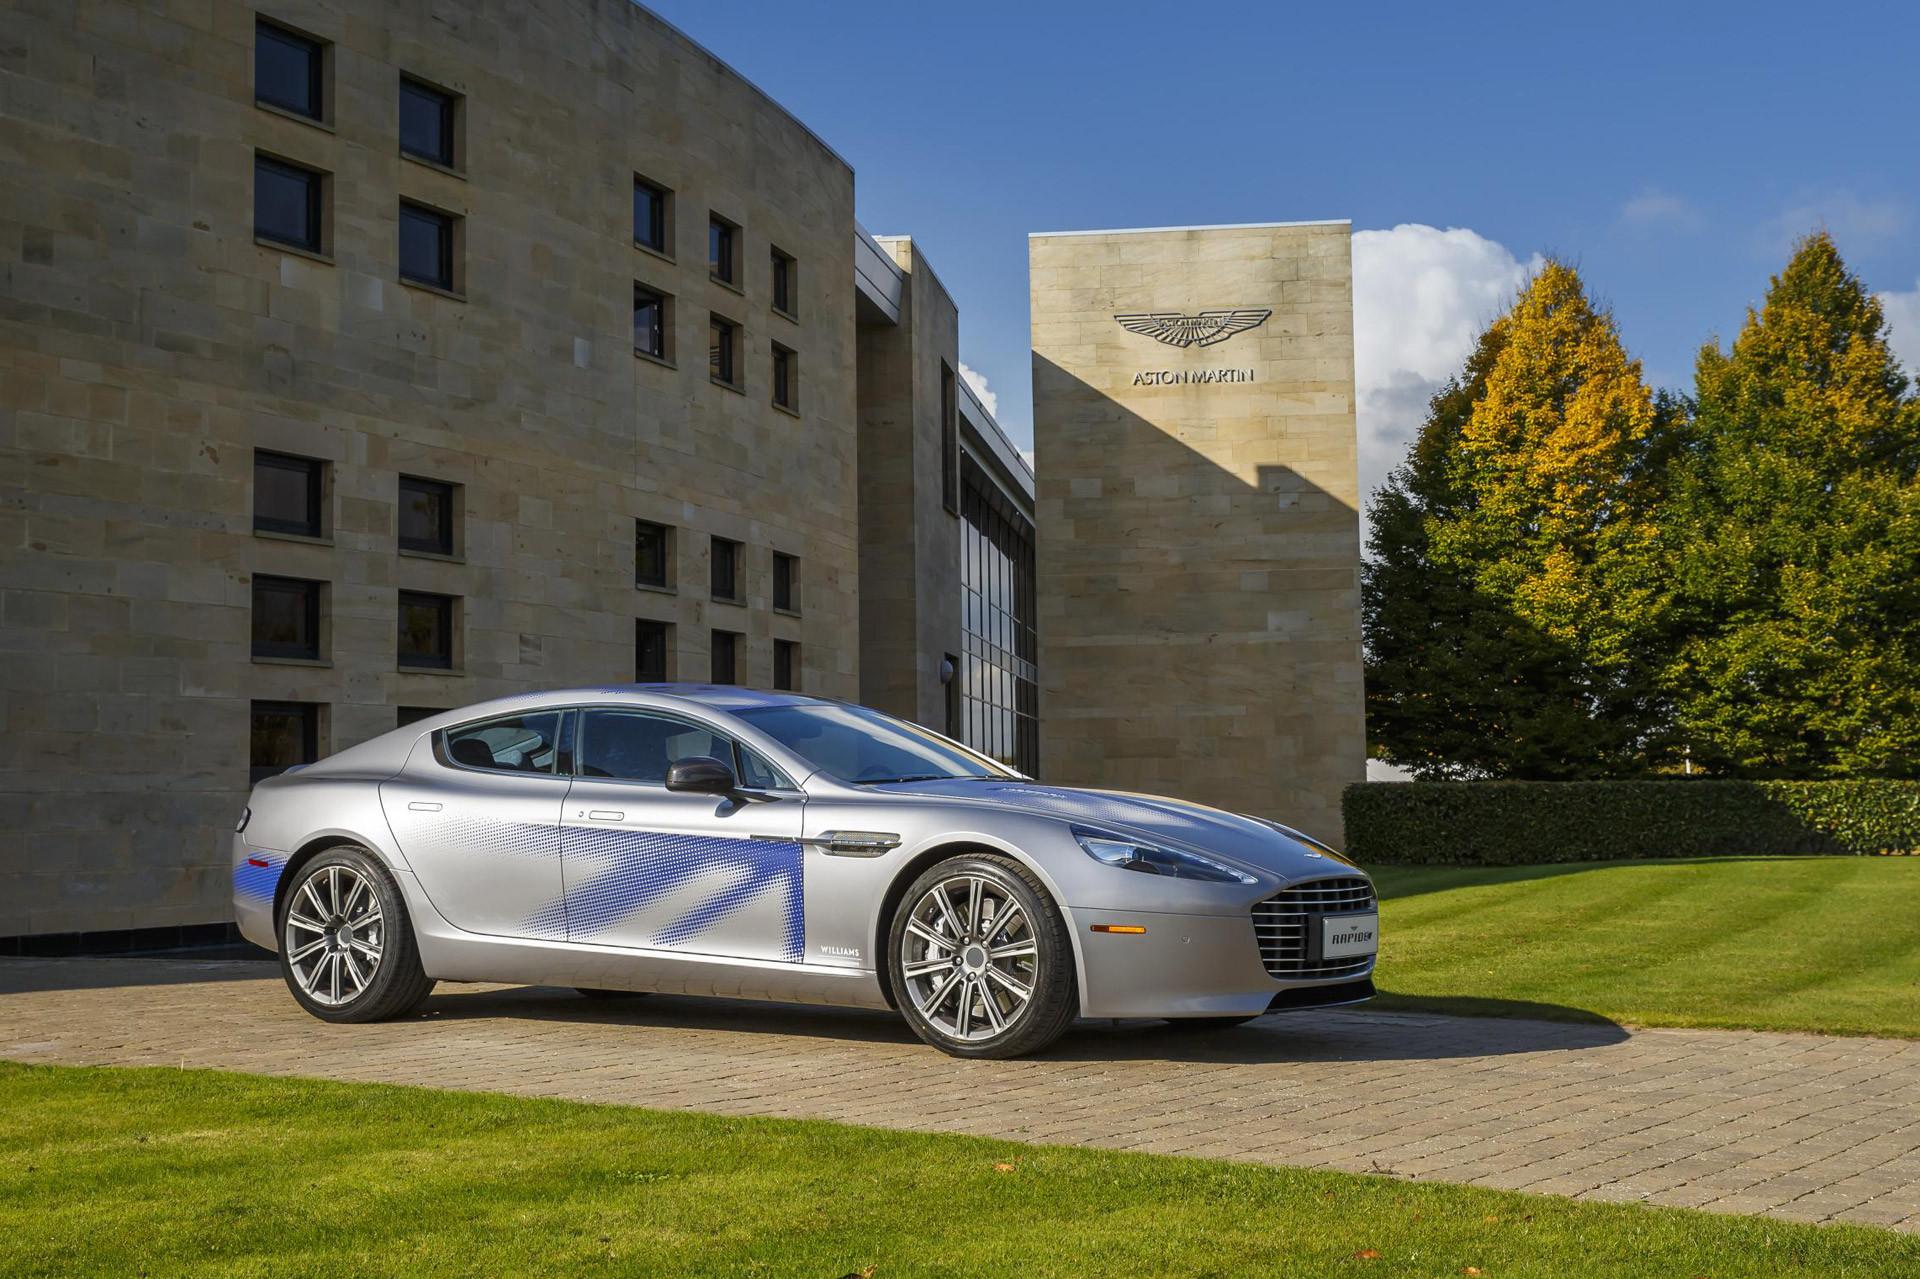 James Bond poderá conduzir um Aston Martin elétrico